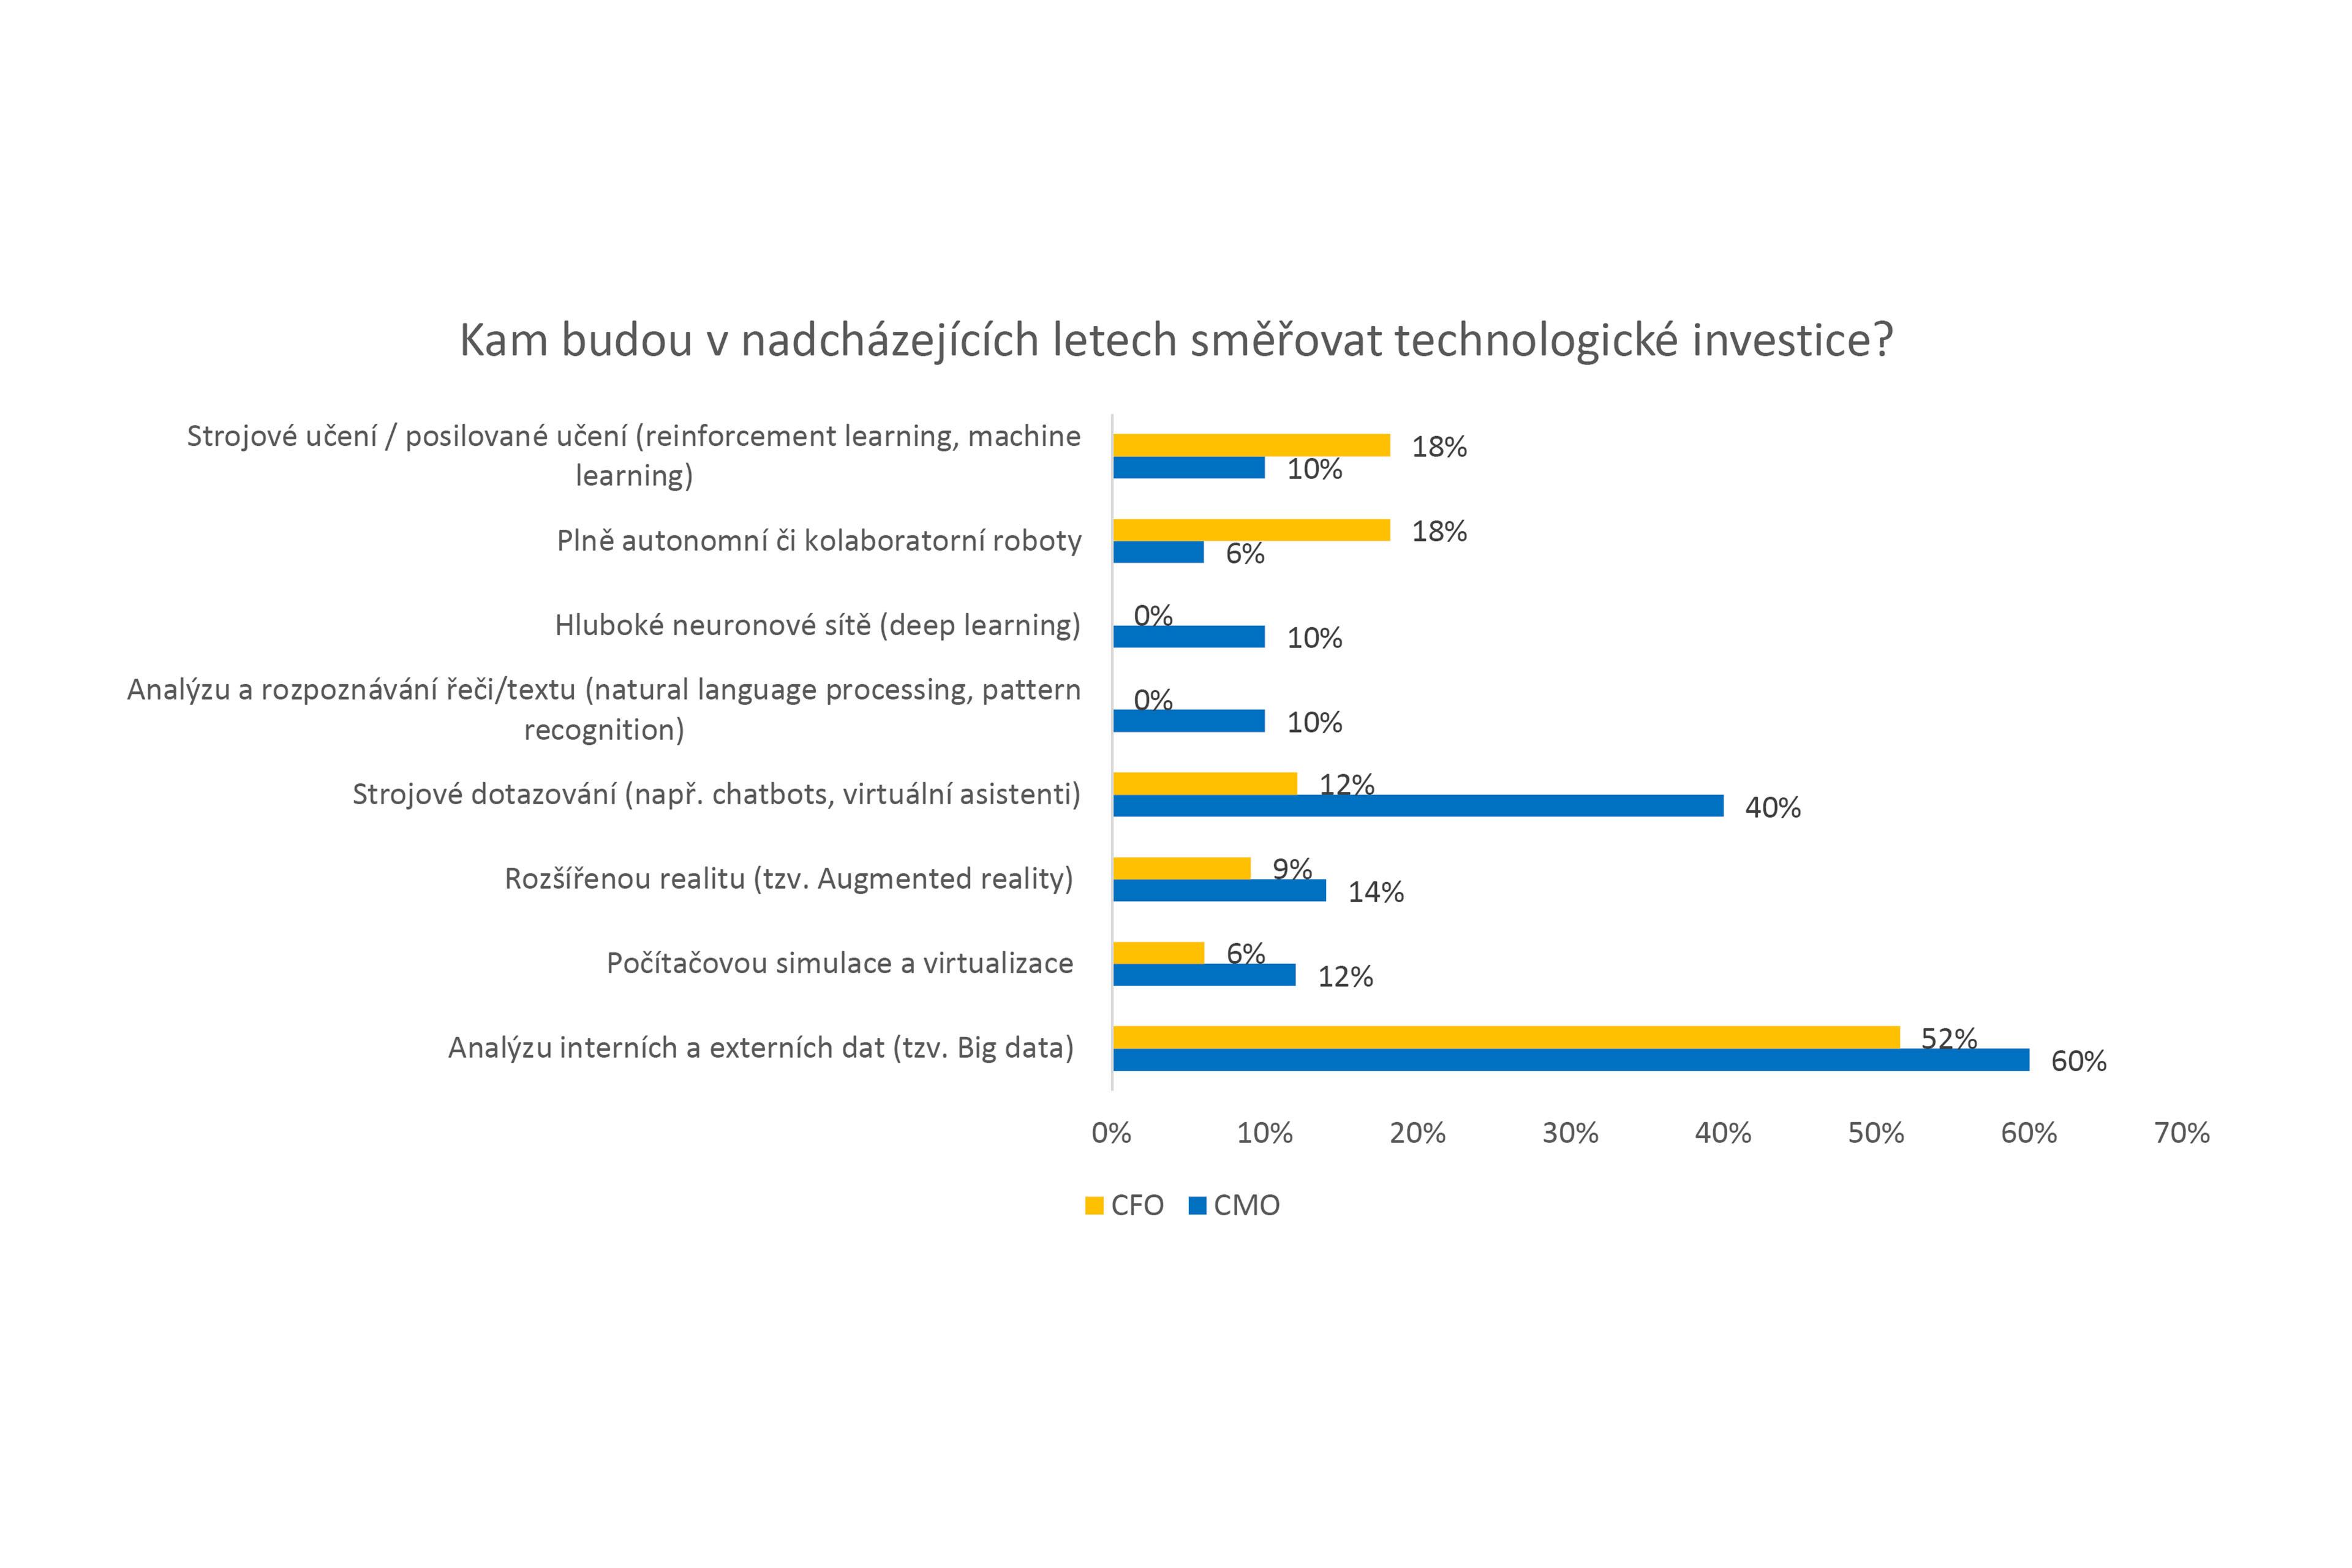 studie-ey-klic-ke-spravnemu-fungovani-firmy-tkvi-v-posileni-vztahu-mezi-financnim-a-marketing-graf-1